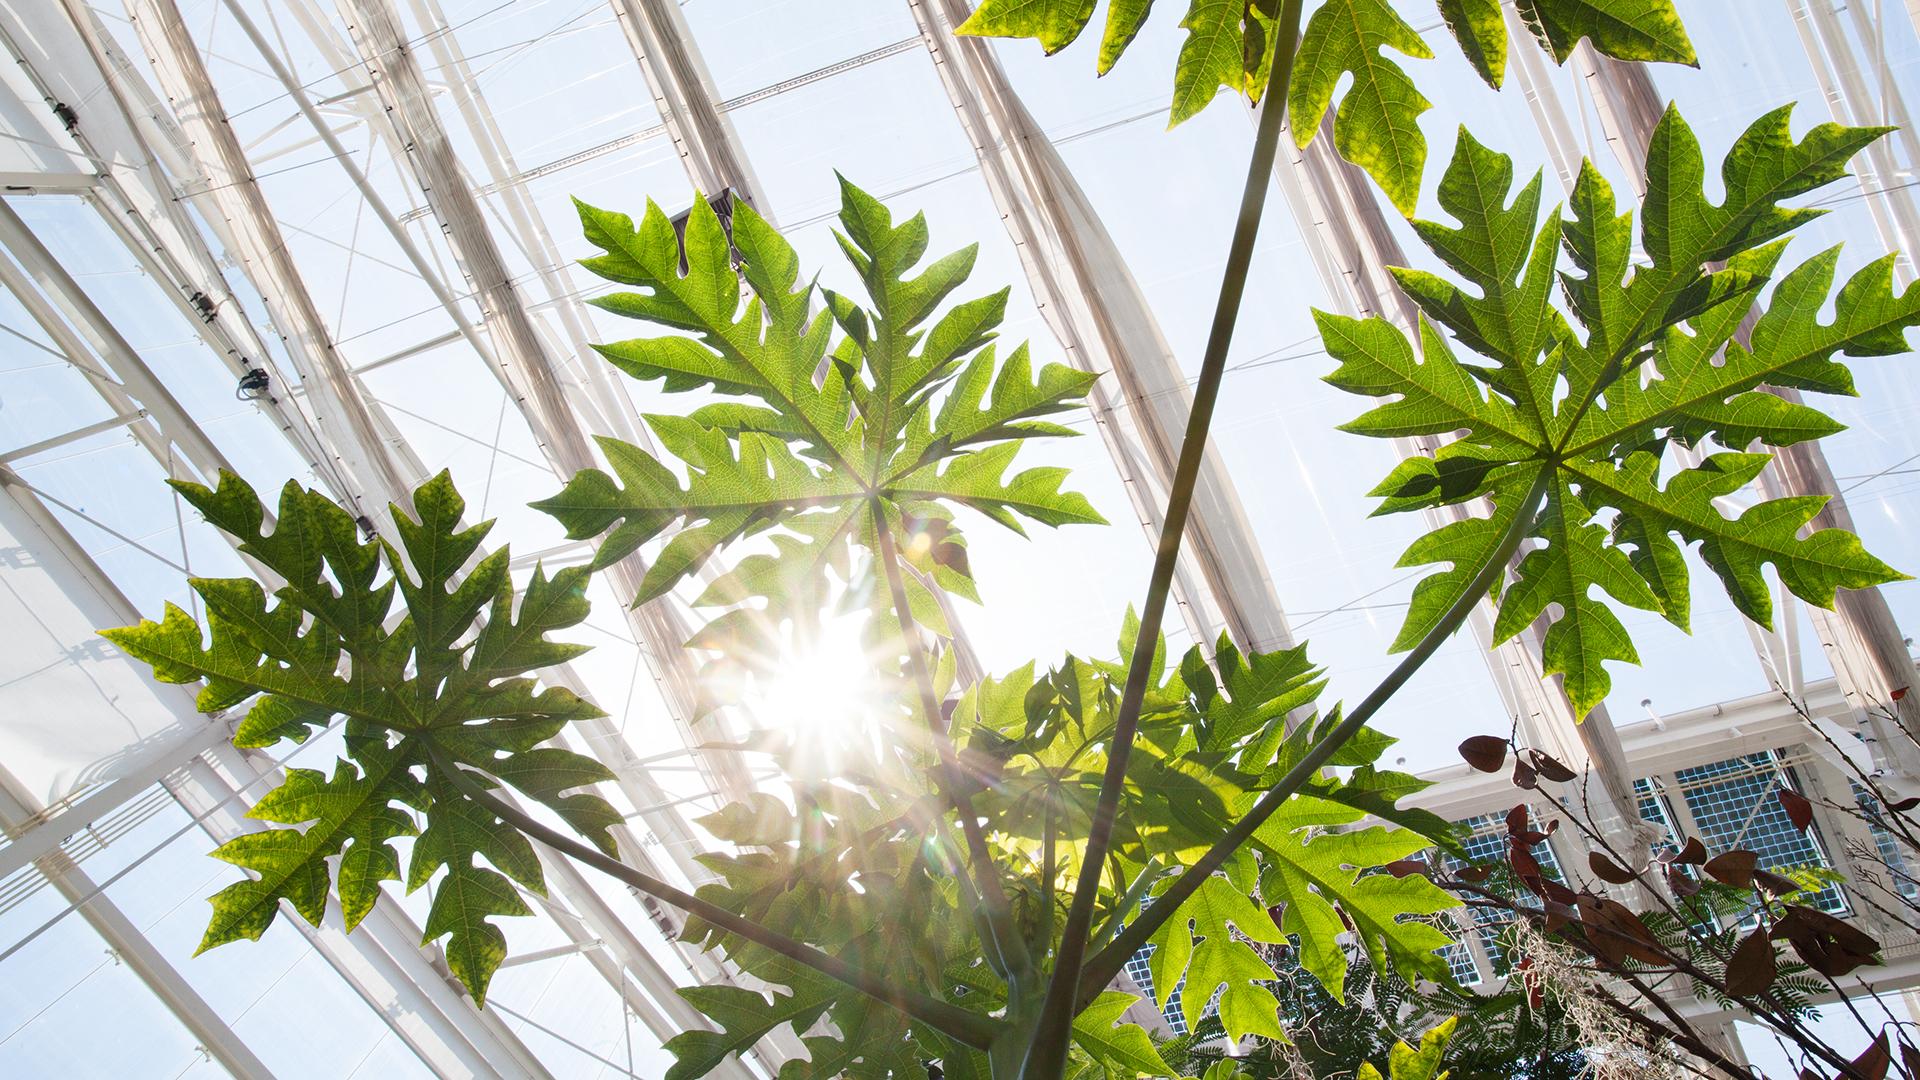 serra-tropicalecarica-papaya-1-